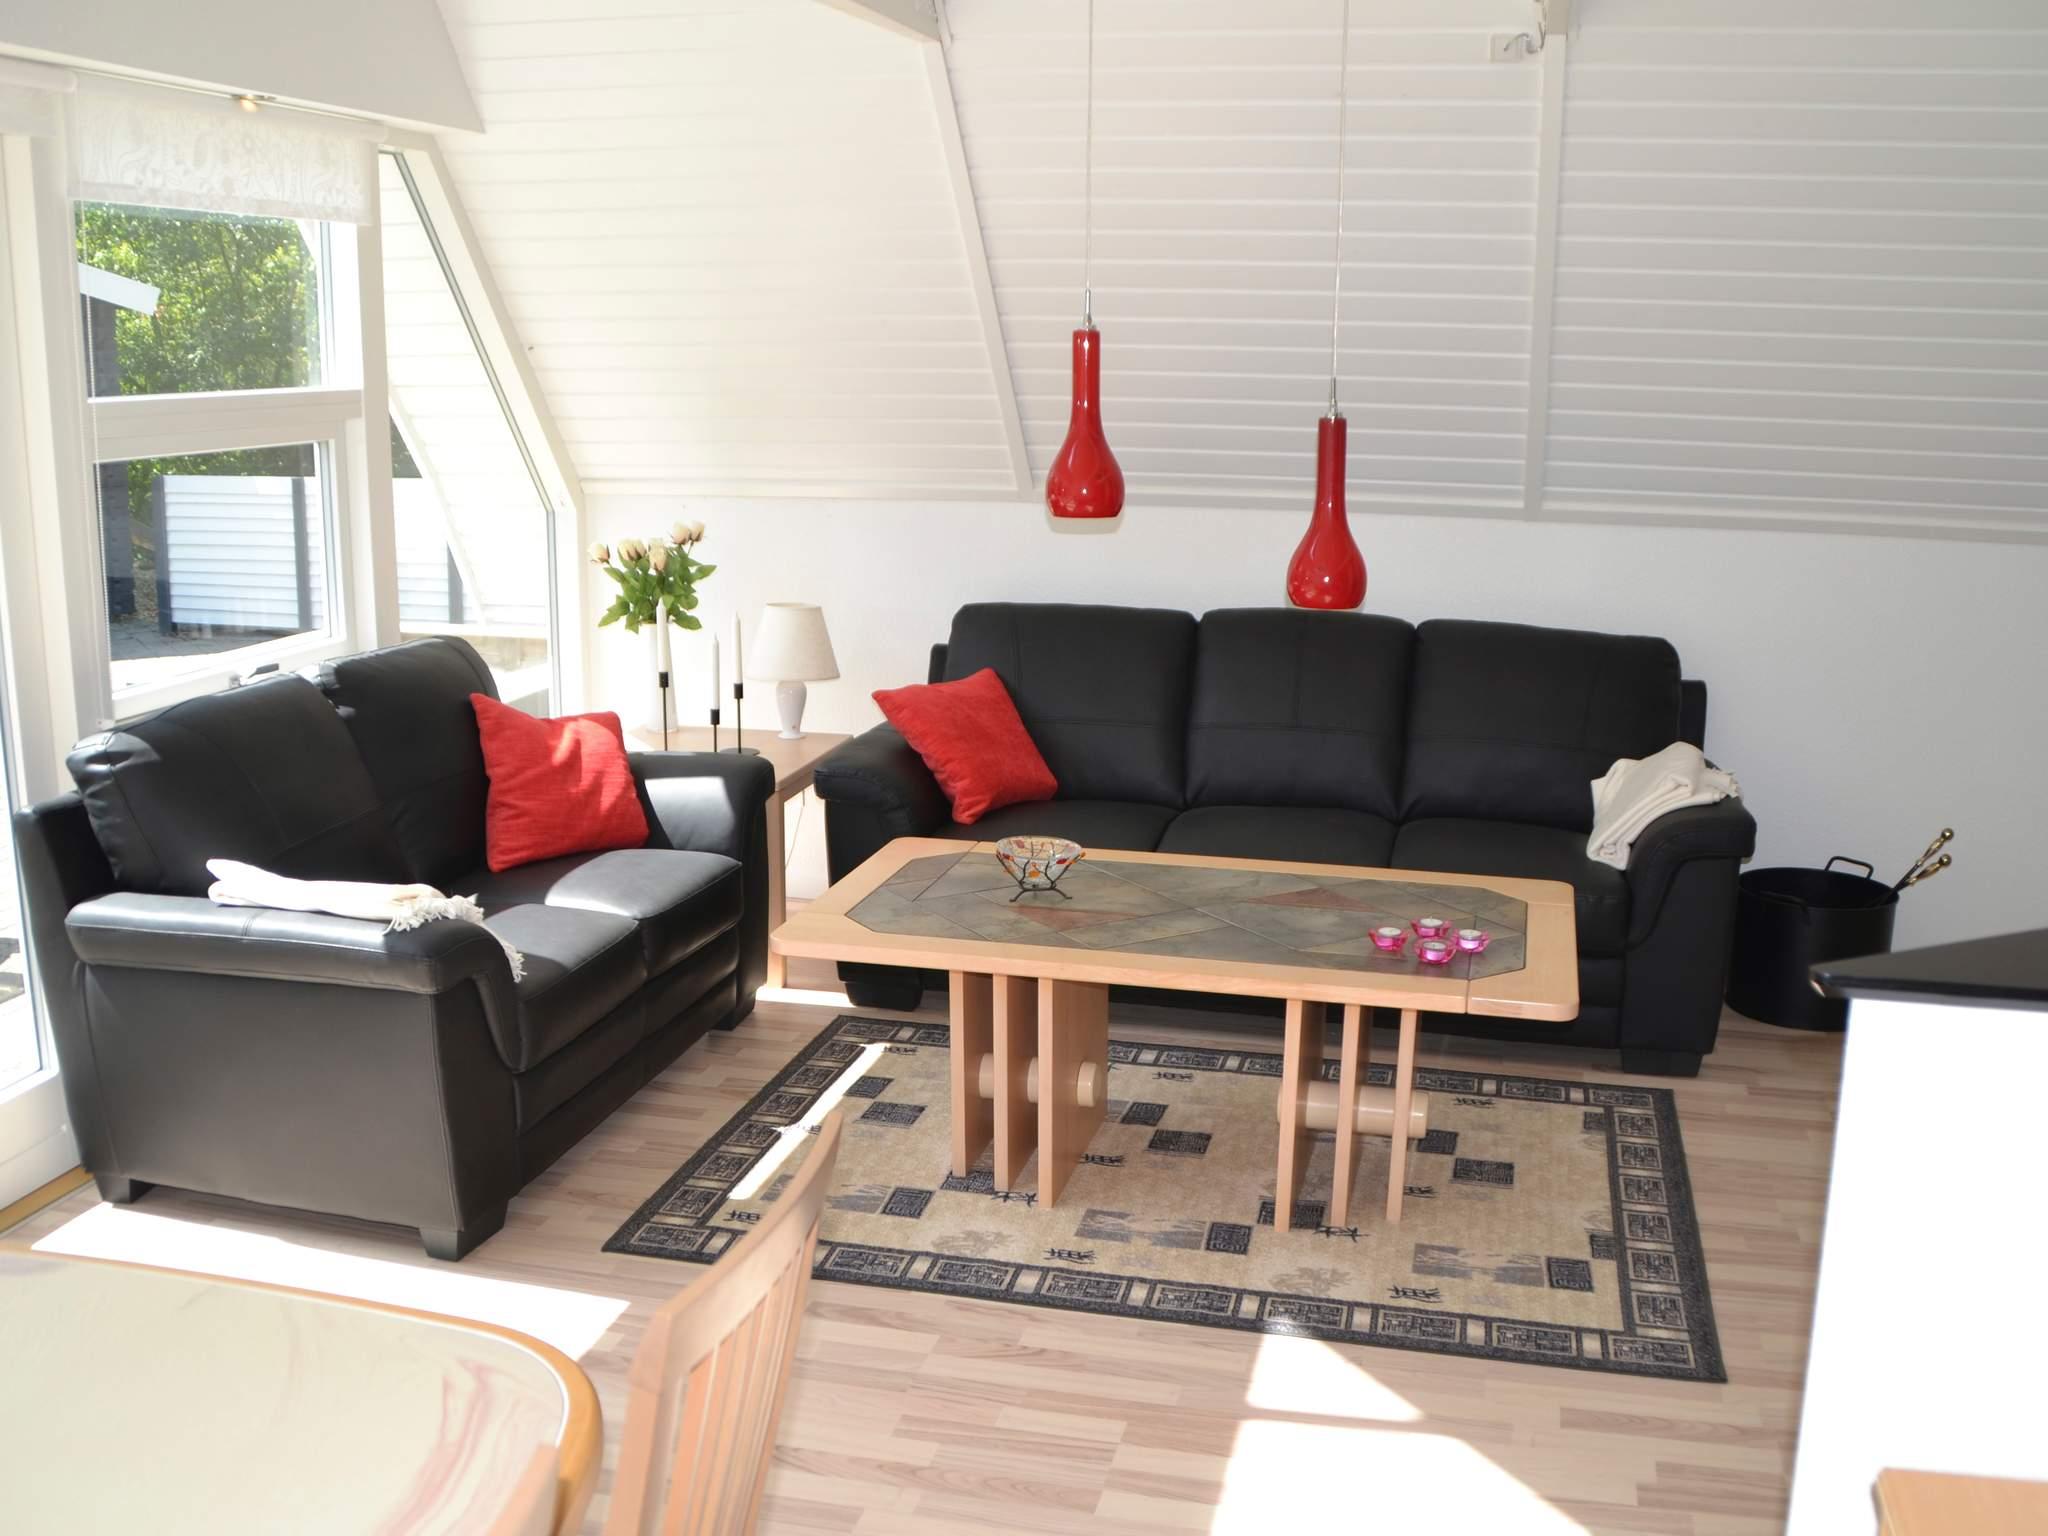 Ferienhaus Jegum (241722), Jegum, , Westjütland, Dänemark, Bild 2